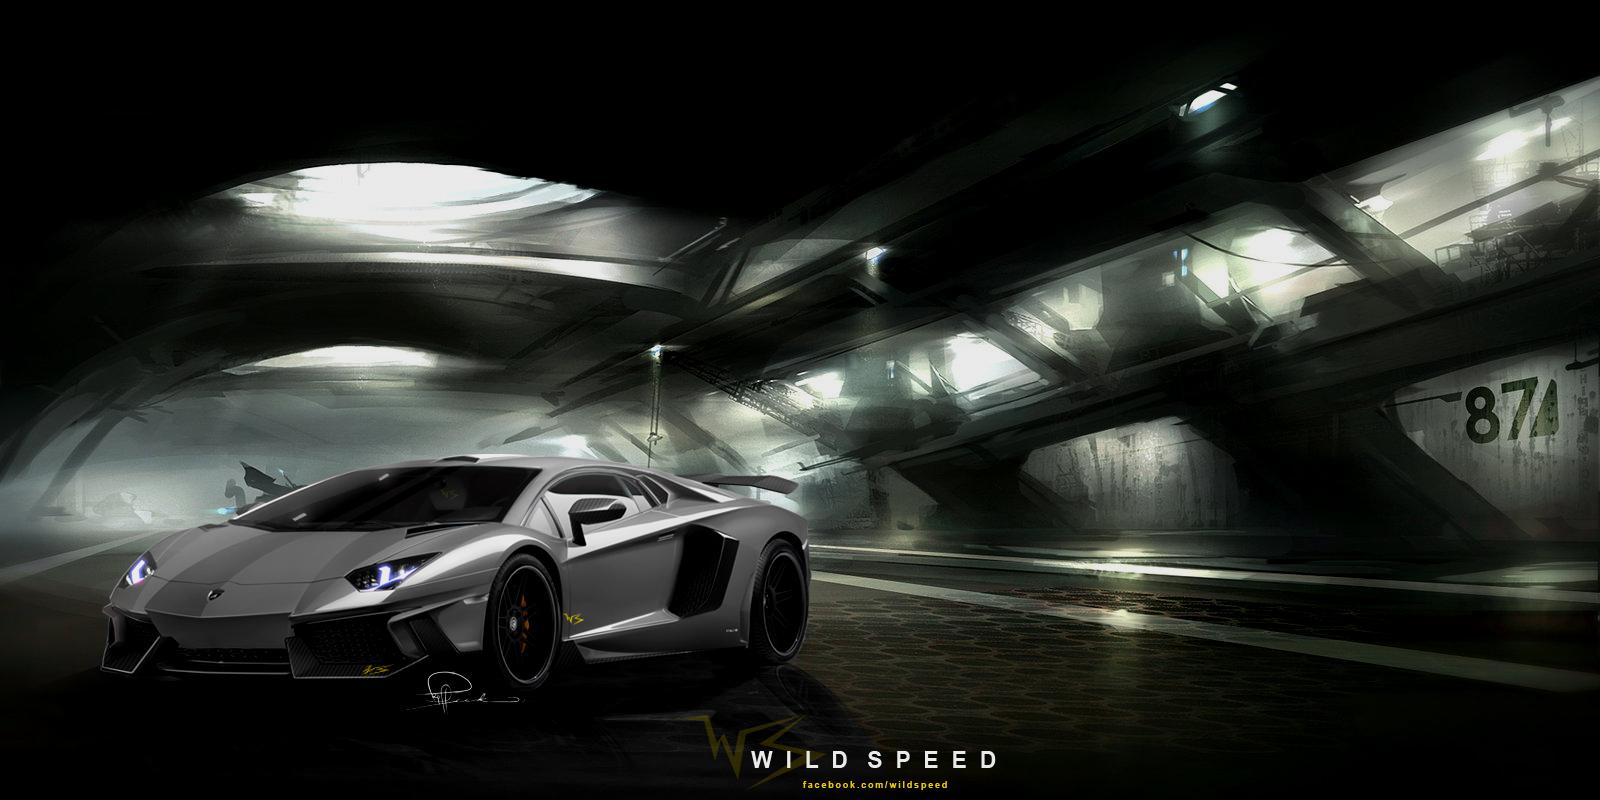 racing cars live wallpaper full